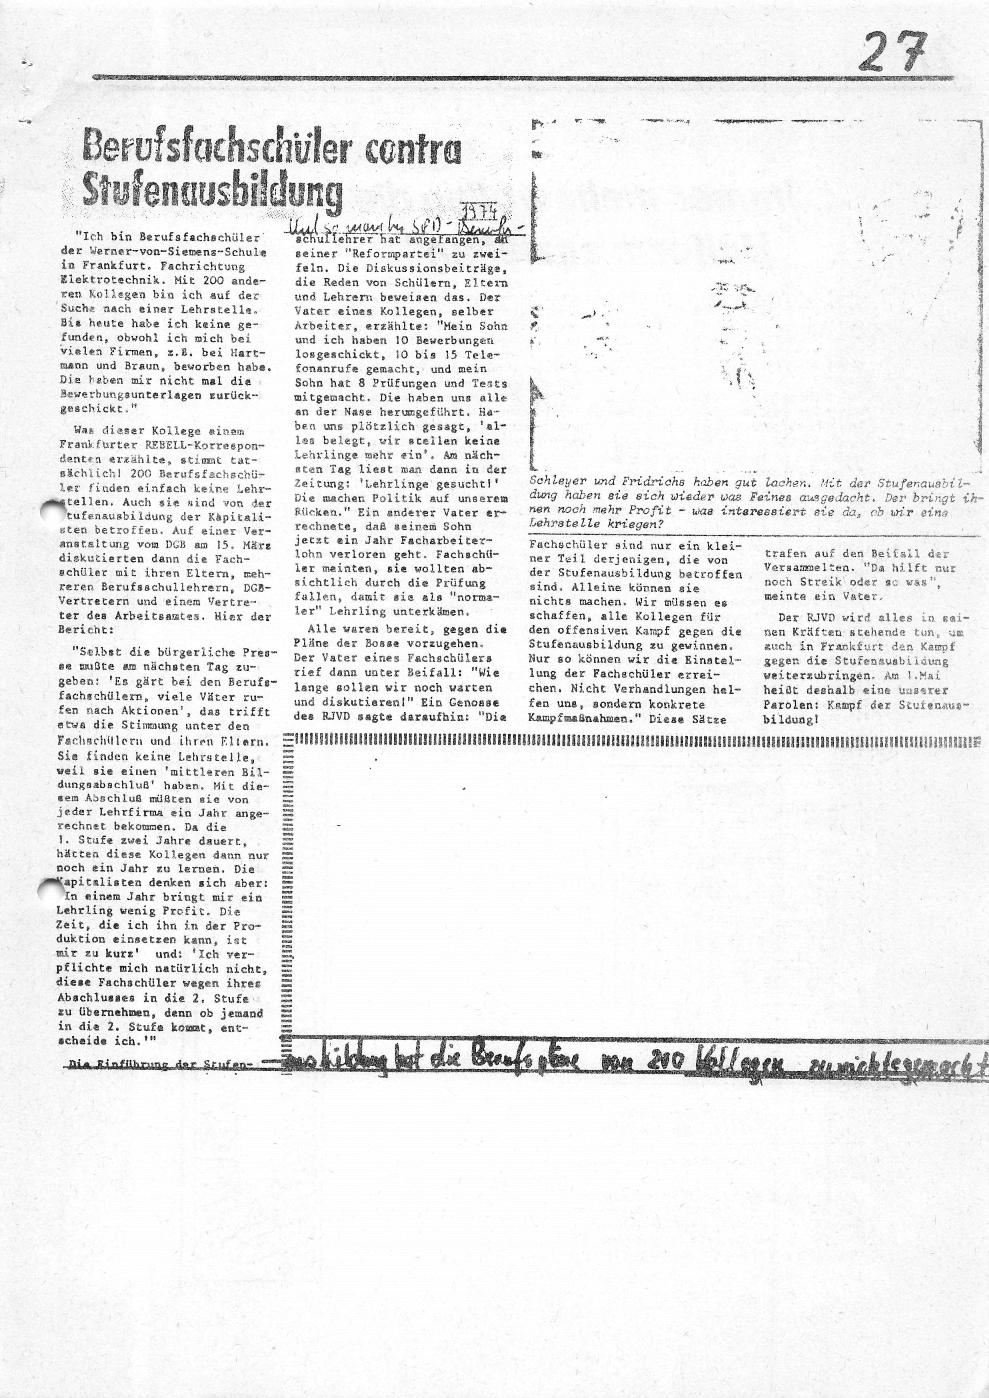 KABRW_Arbeitshefte_1977_25_026